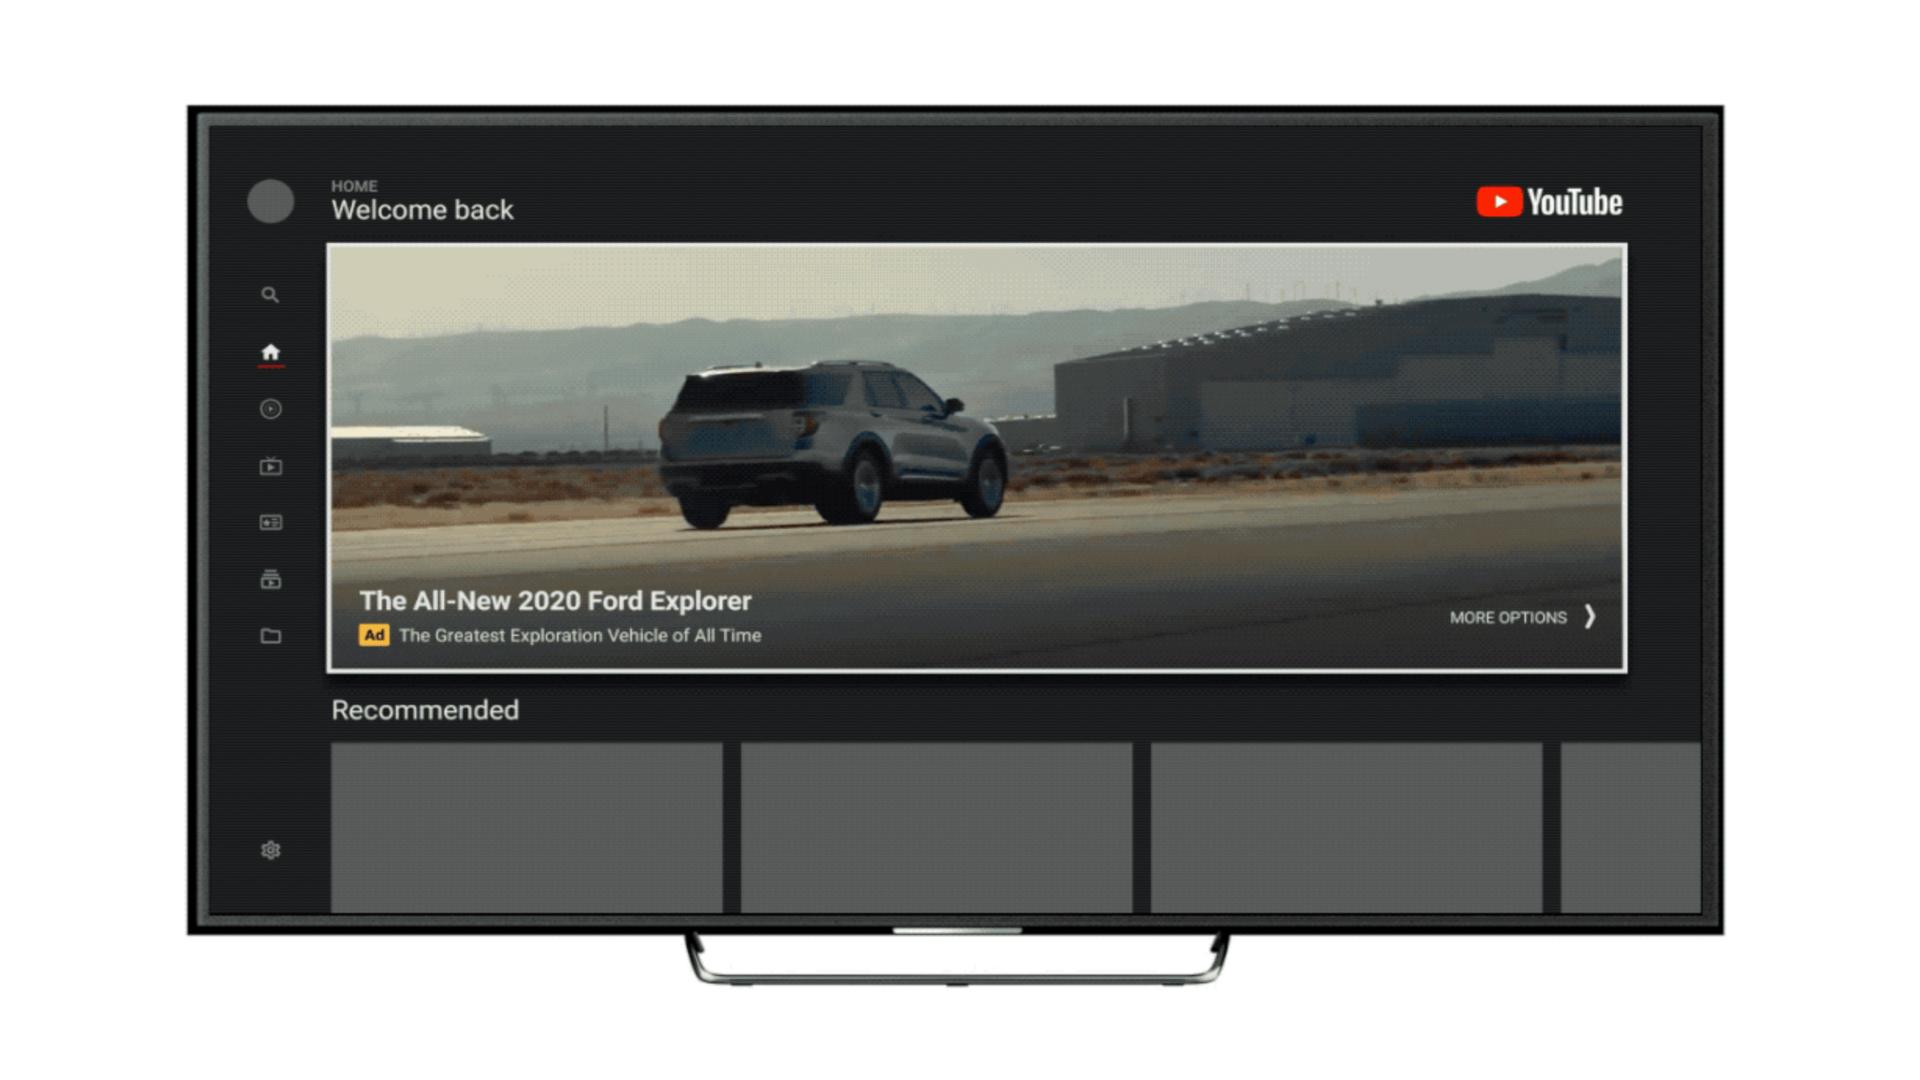 Masz Android TV? To powinieneś już mieć odświeżonego YouTube'a 18